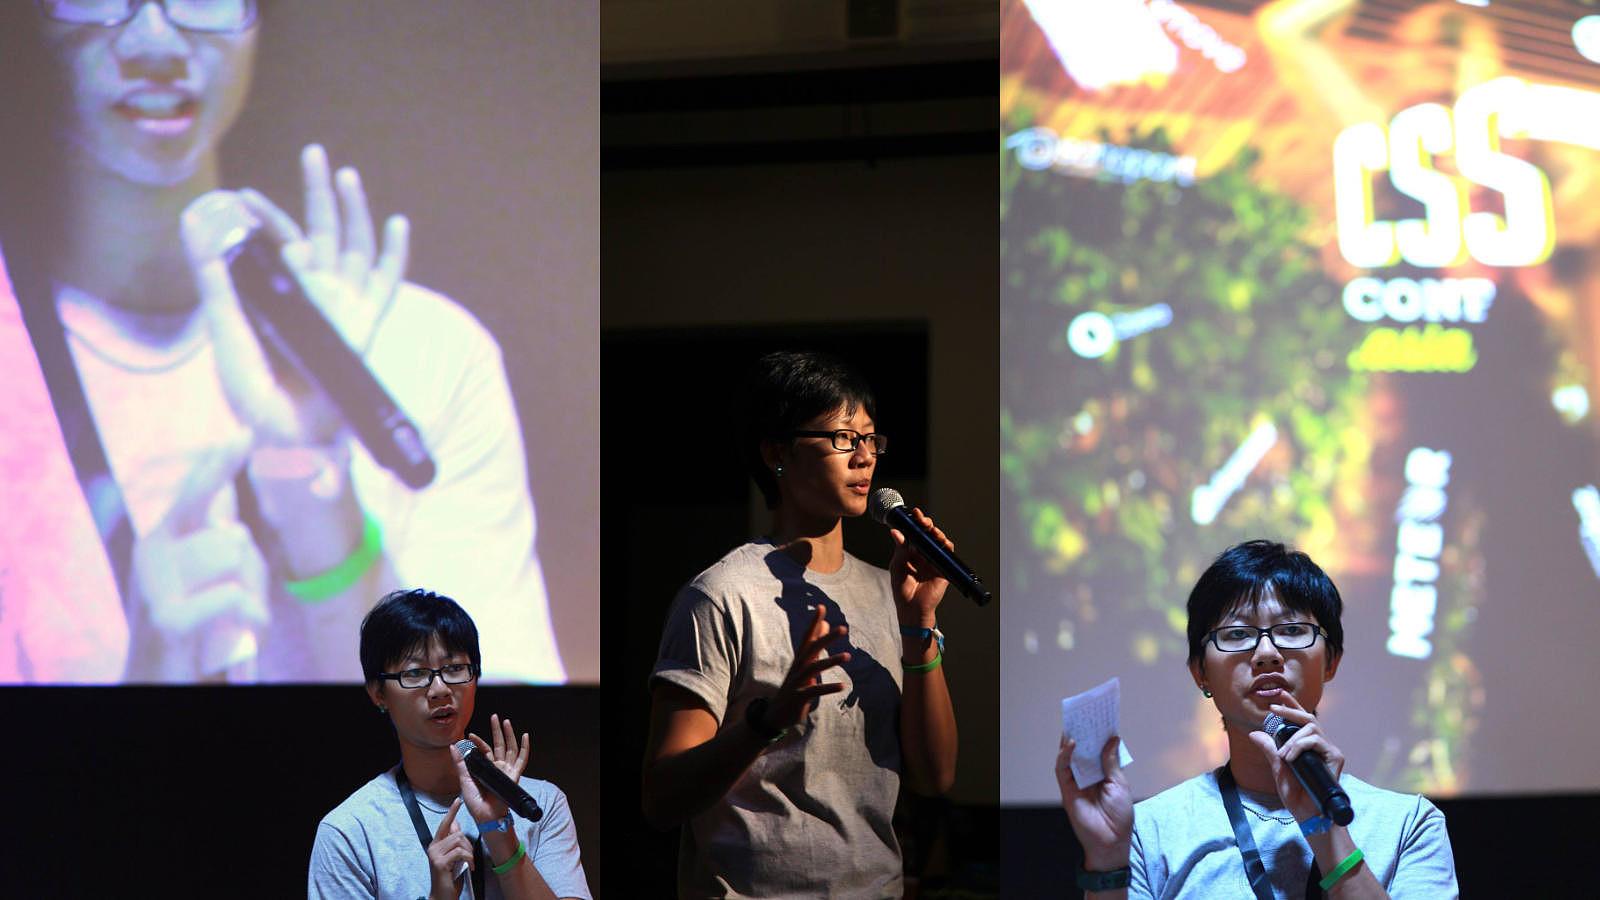 MC for CSSConf.Asia 2015